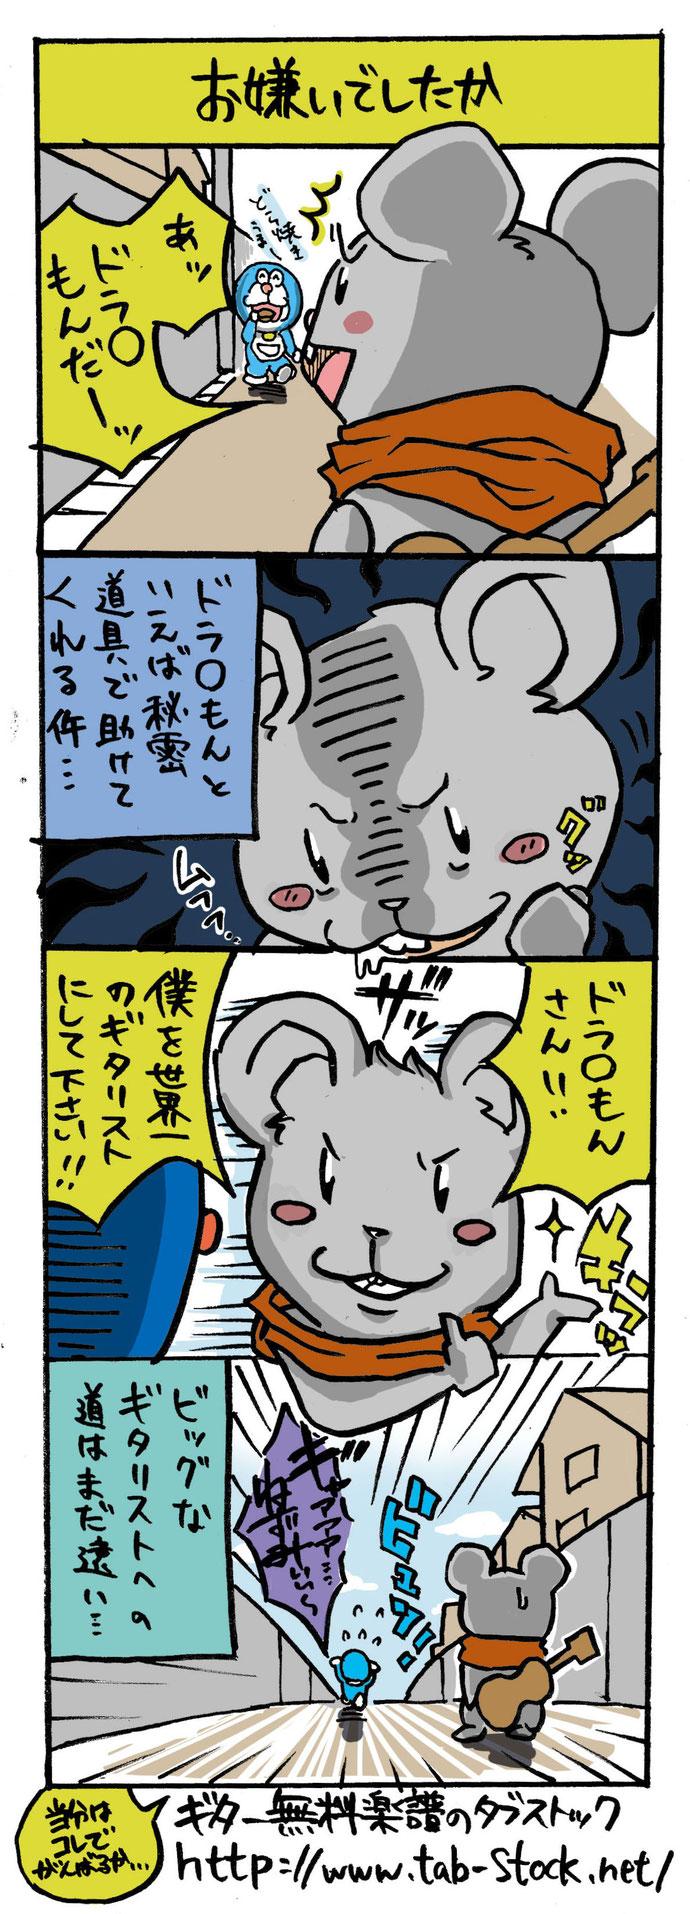 タブストック ウッドくんの4コマ漫画②